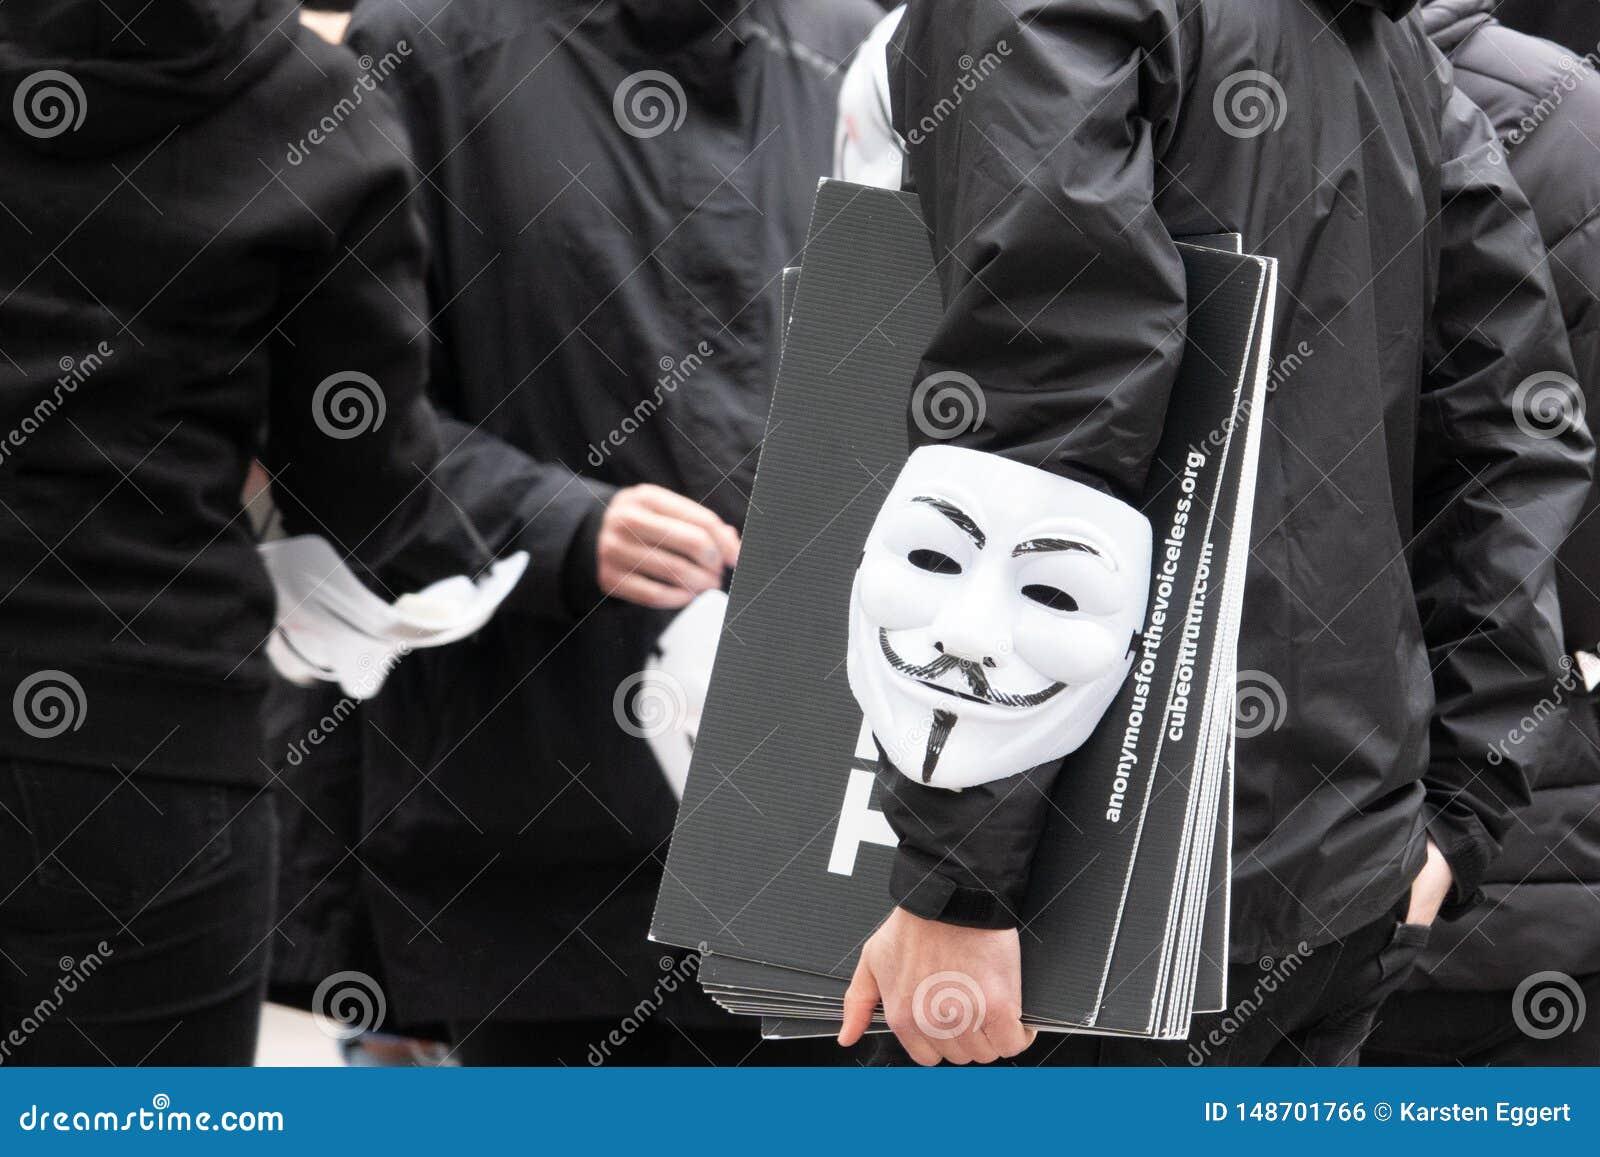 Il gruppo di giovani vestiti tutti nel nero esce sulla via dimostrare con le maschere anonime